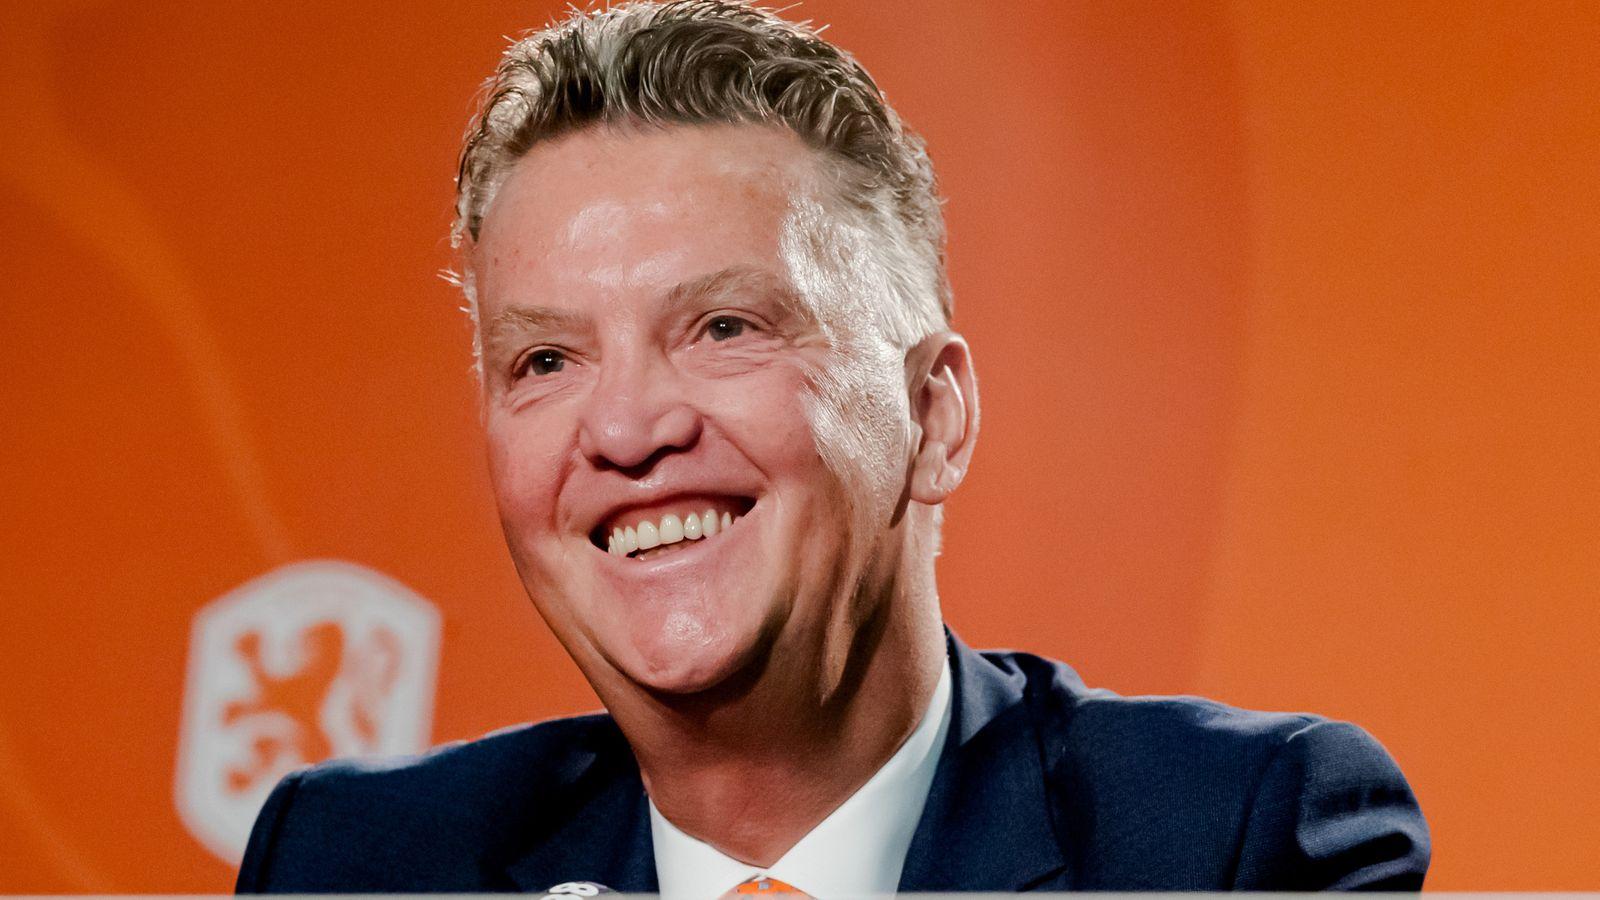 Van Gaal trong lễ ra mắt lần thứ ba trên cương vị HLV tuyển Hà Lan hôm 17/7. Ảnh: Sky Sports